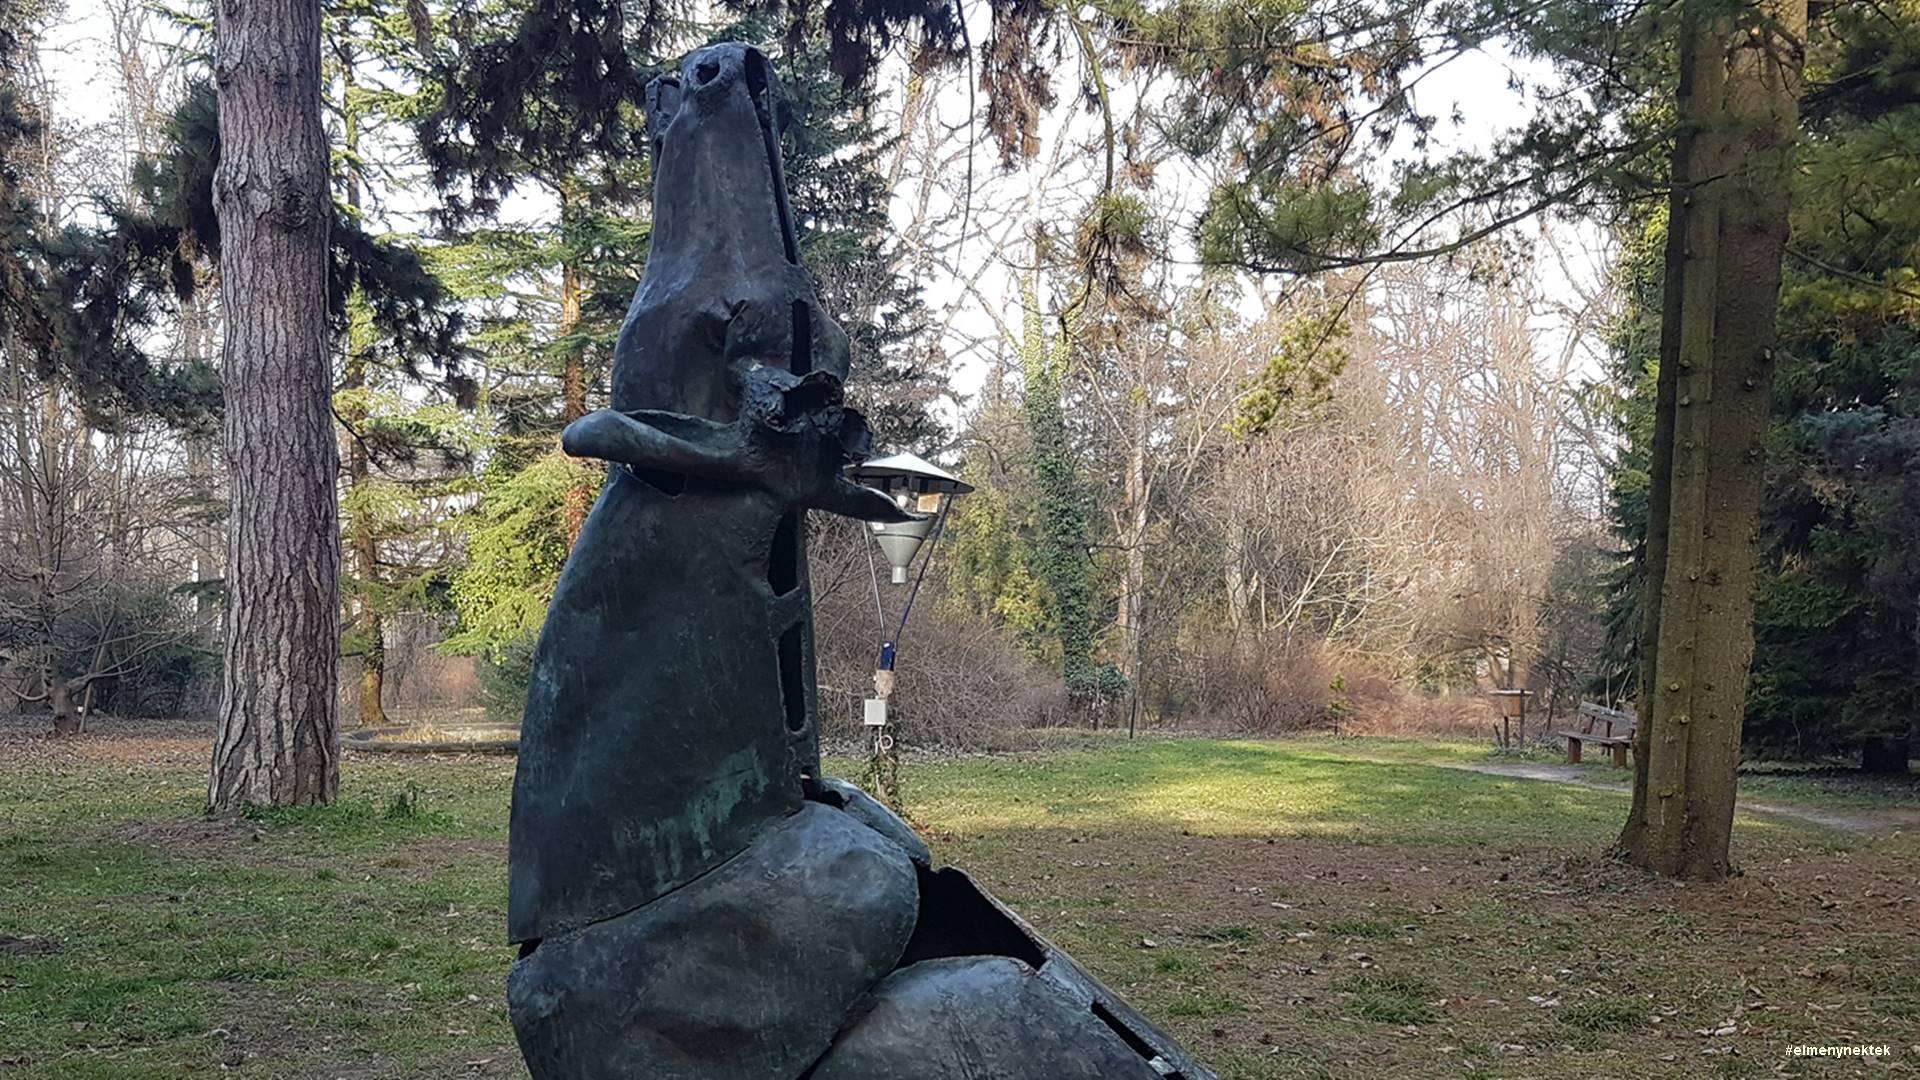 megesebzett-szarvas-soproni-botanikus-kert